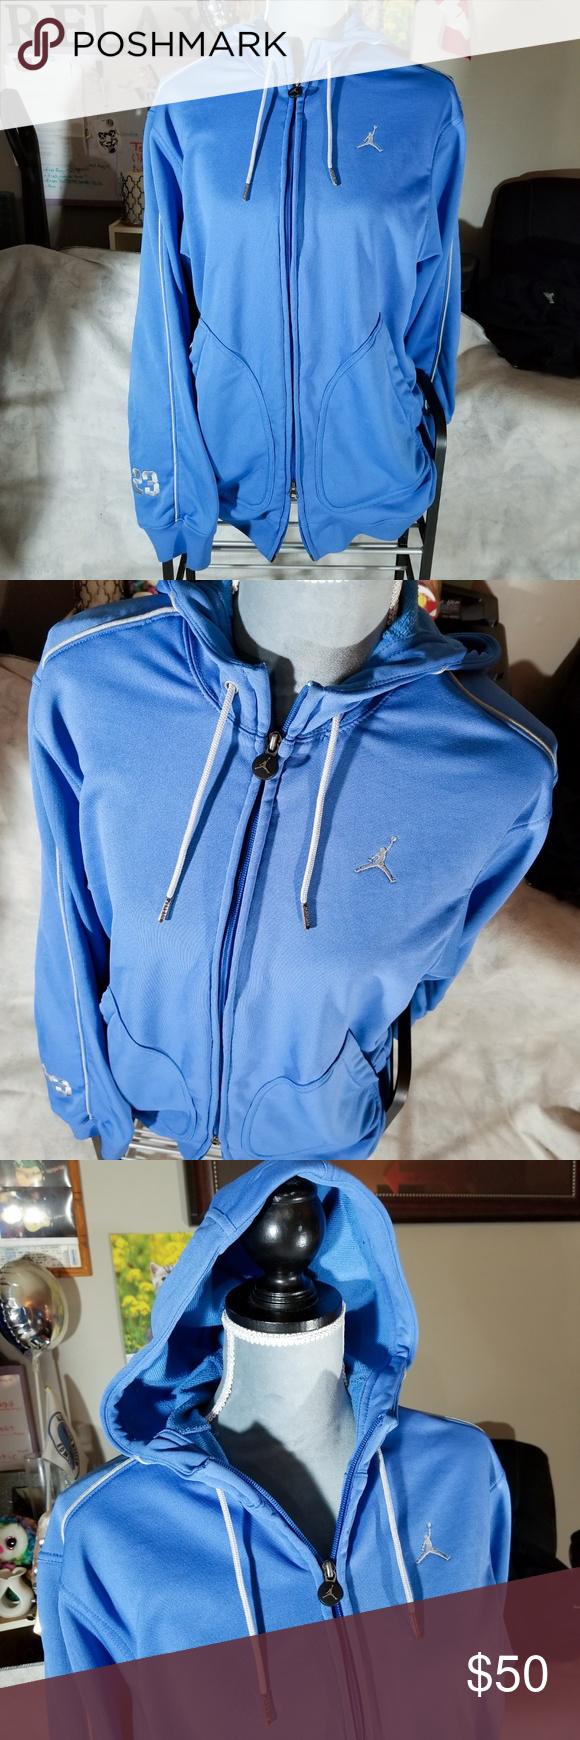 Air Jordan Baby Blue L/S ZipUp Sweatshirt Hoodie